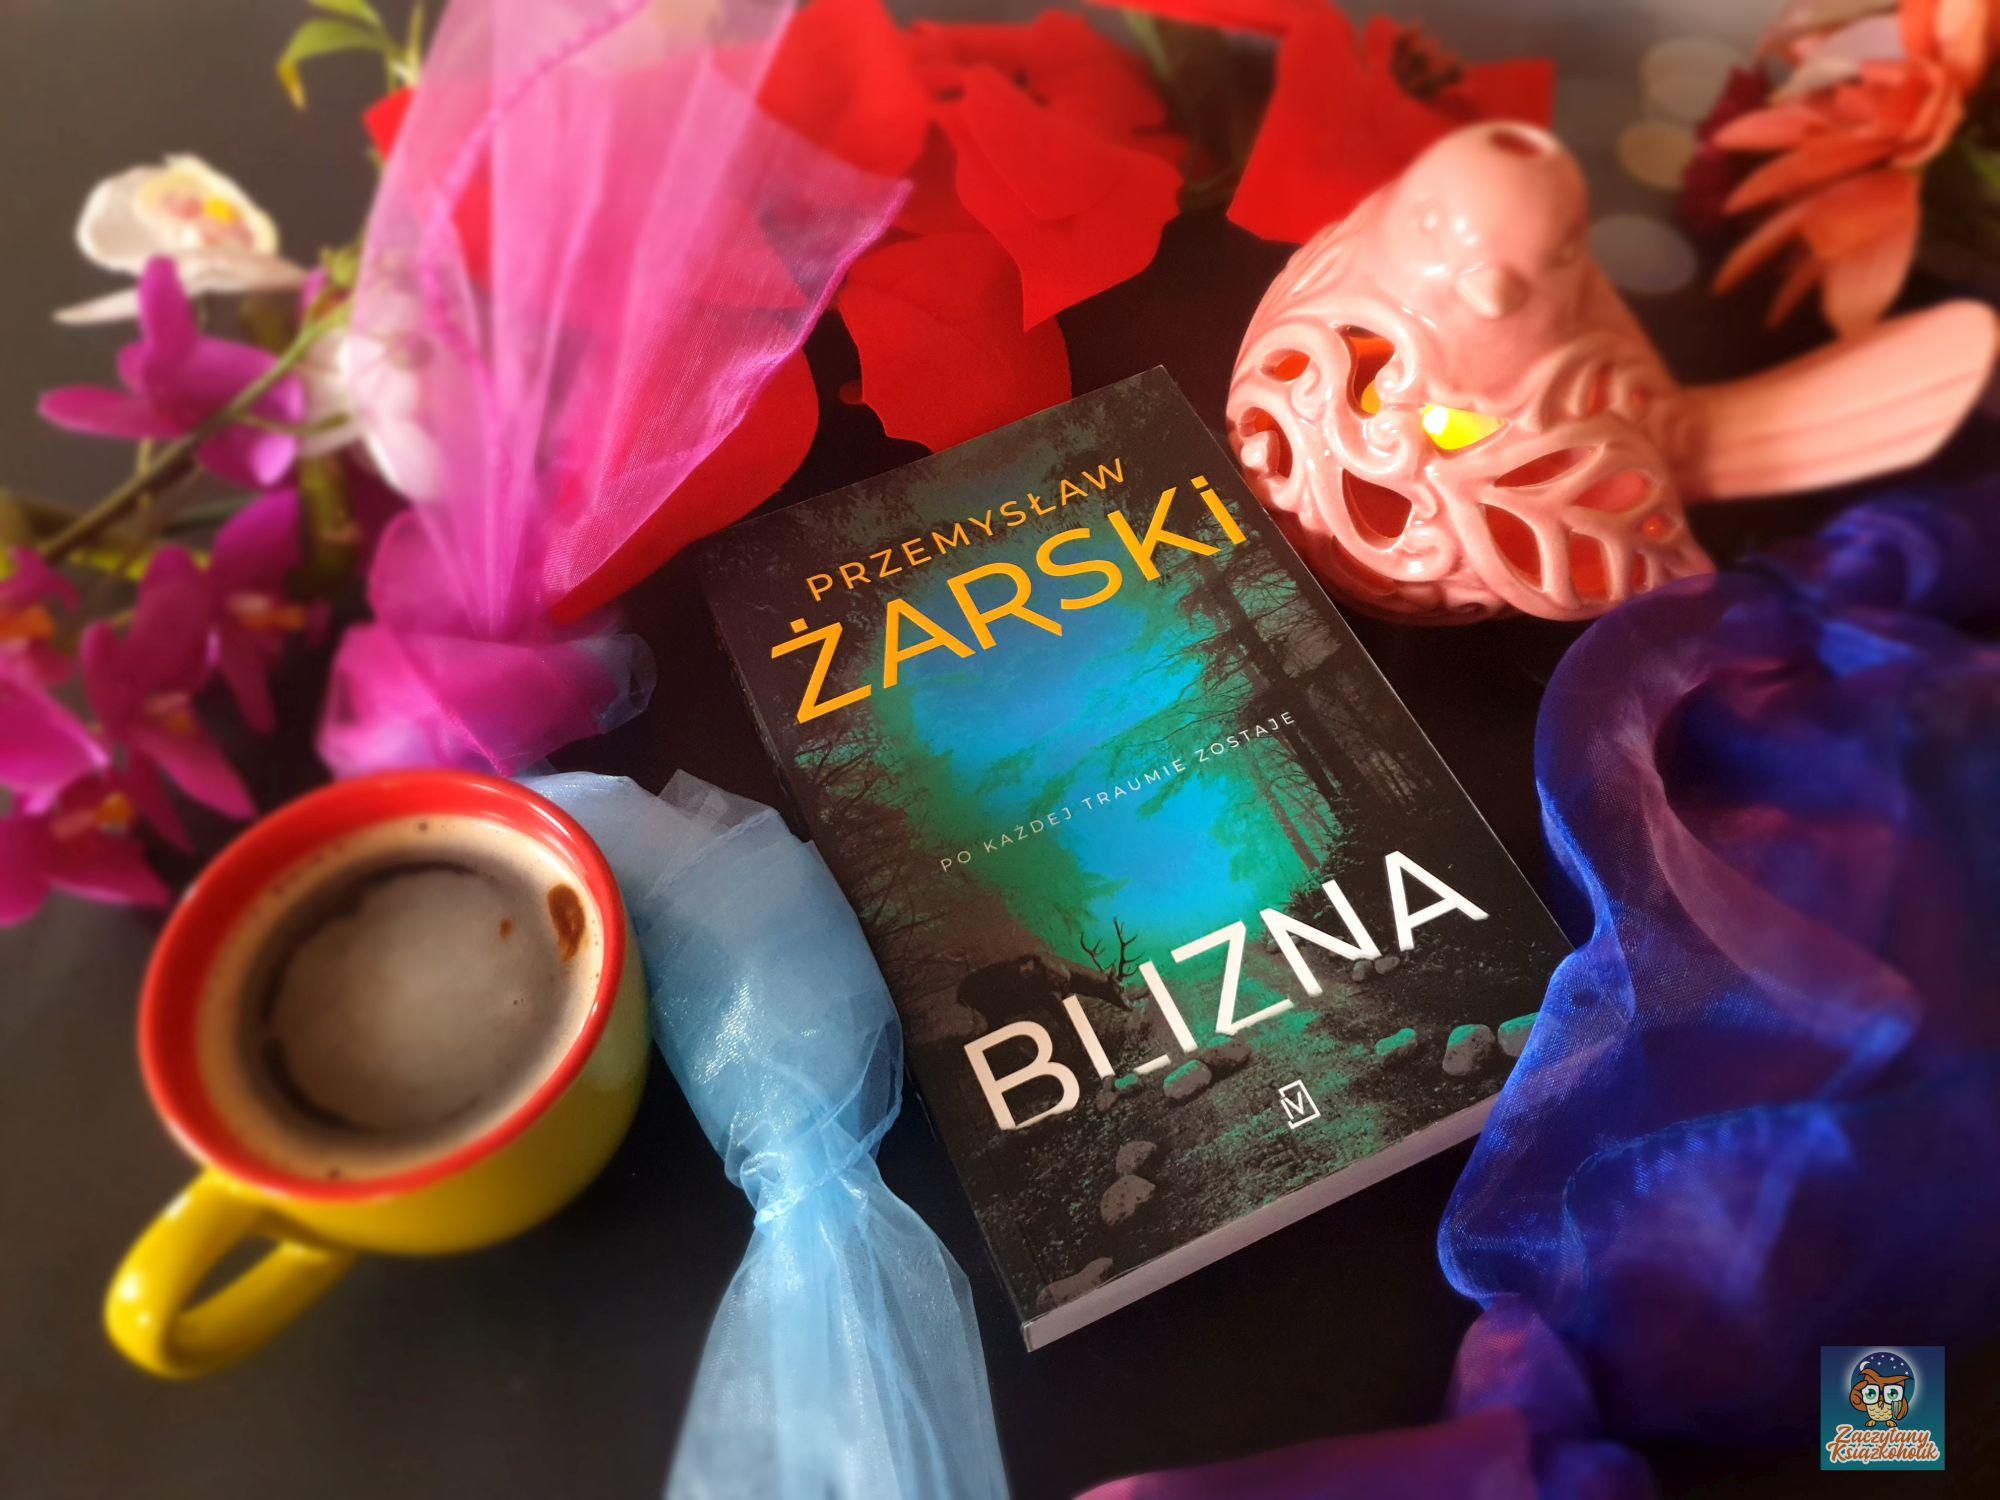 Przemysław Żarski, Blizna, zaczytanyksiazkoholik.pl